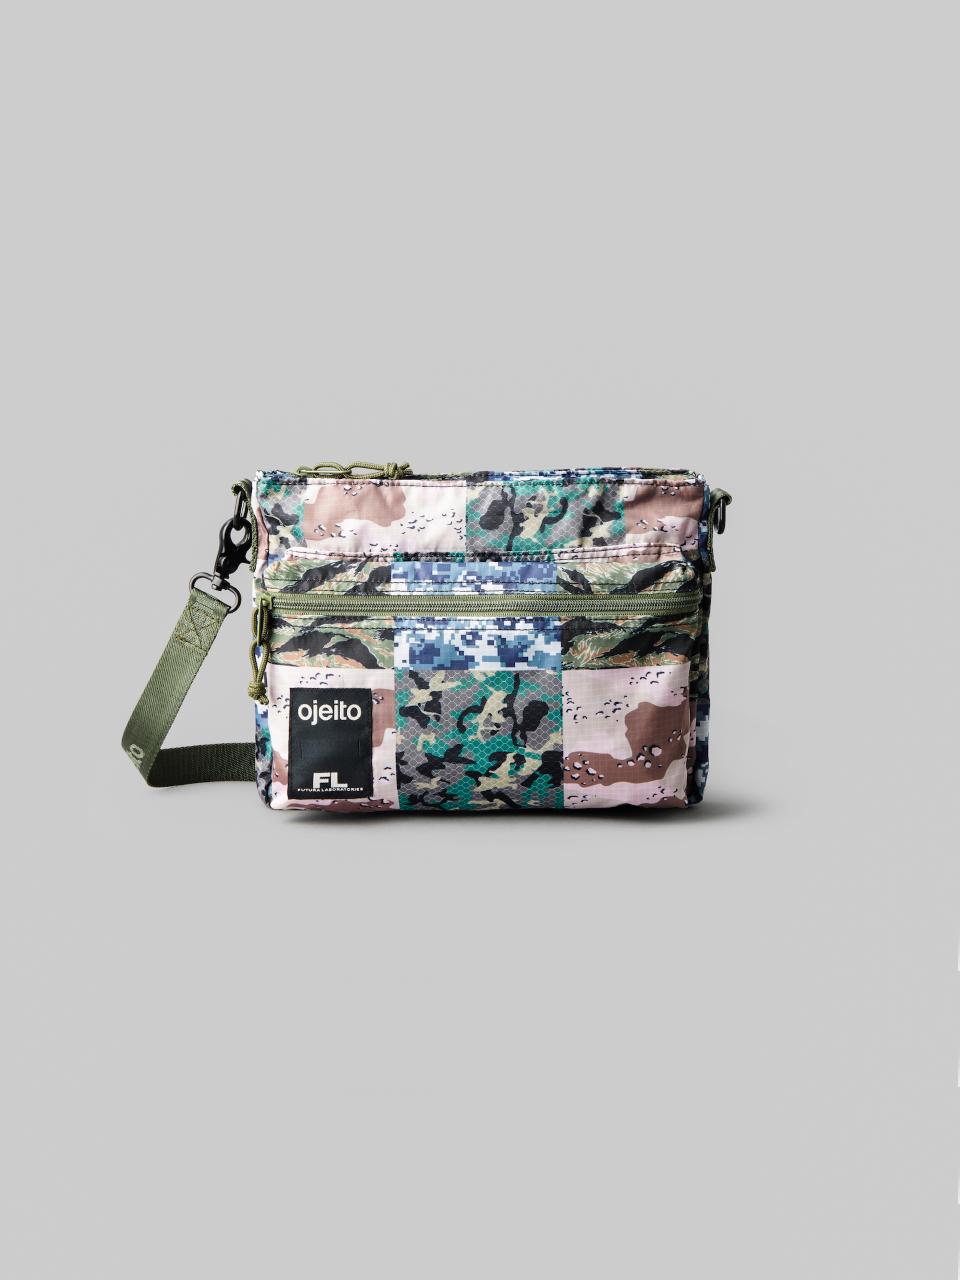 Ojeito Life bag, $175